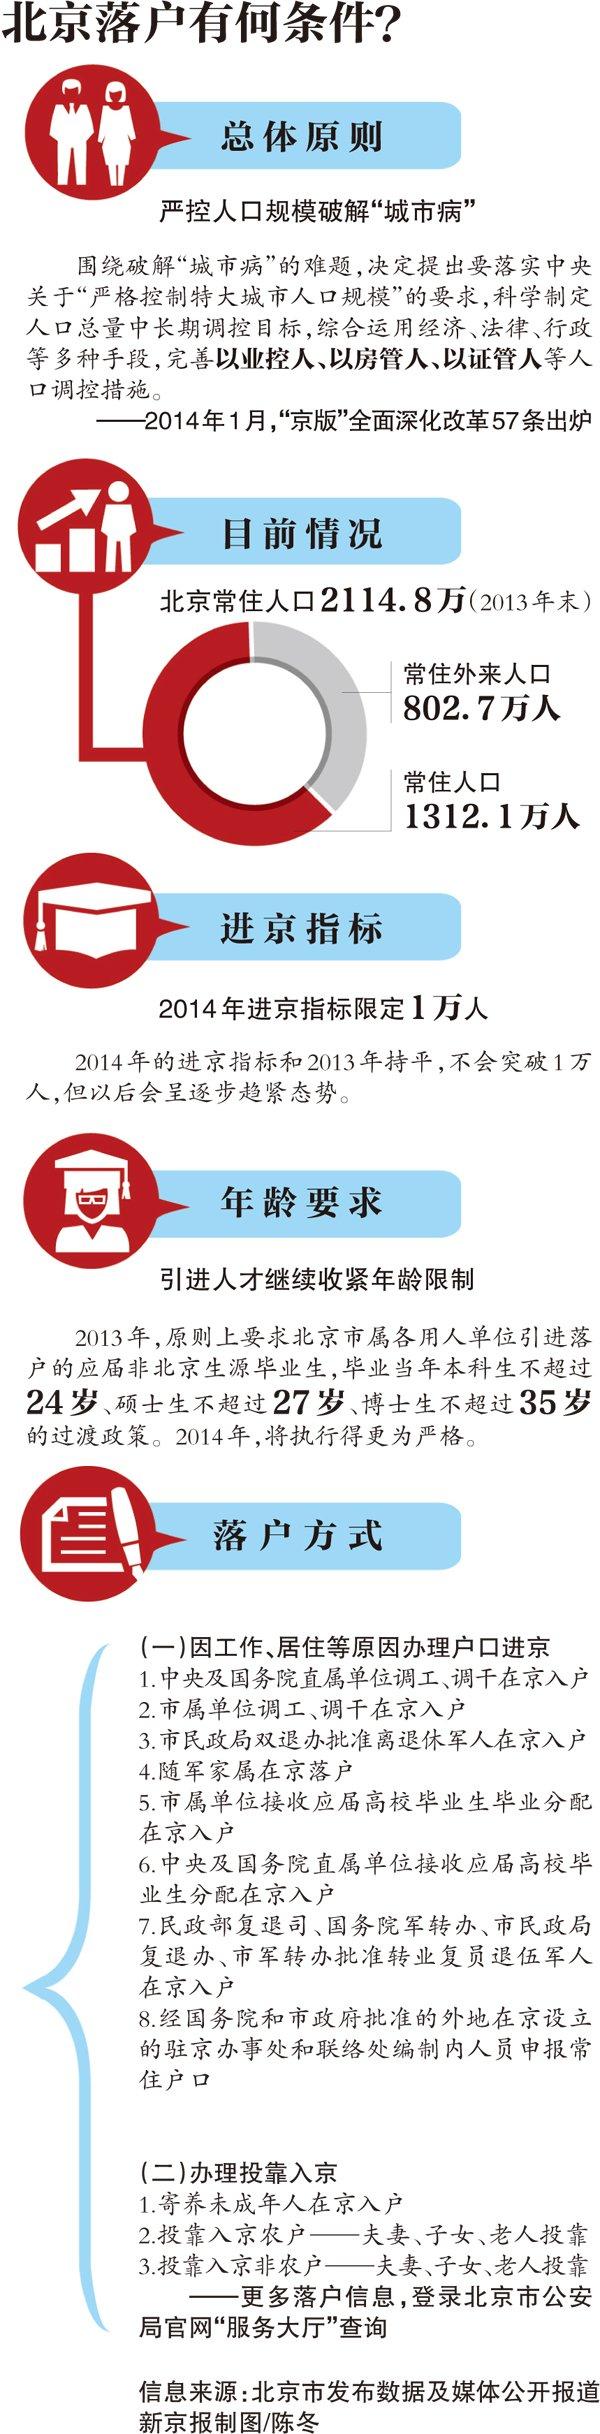 北京落户的9种渠道。